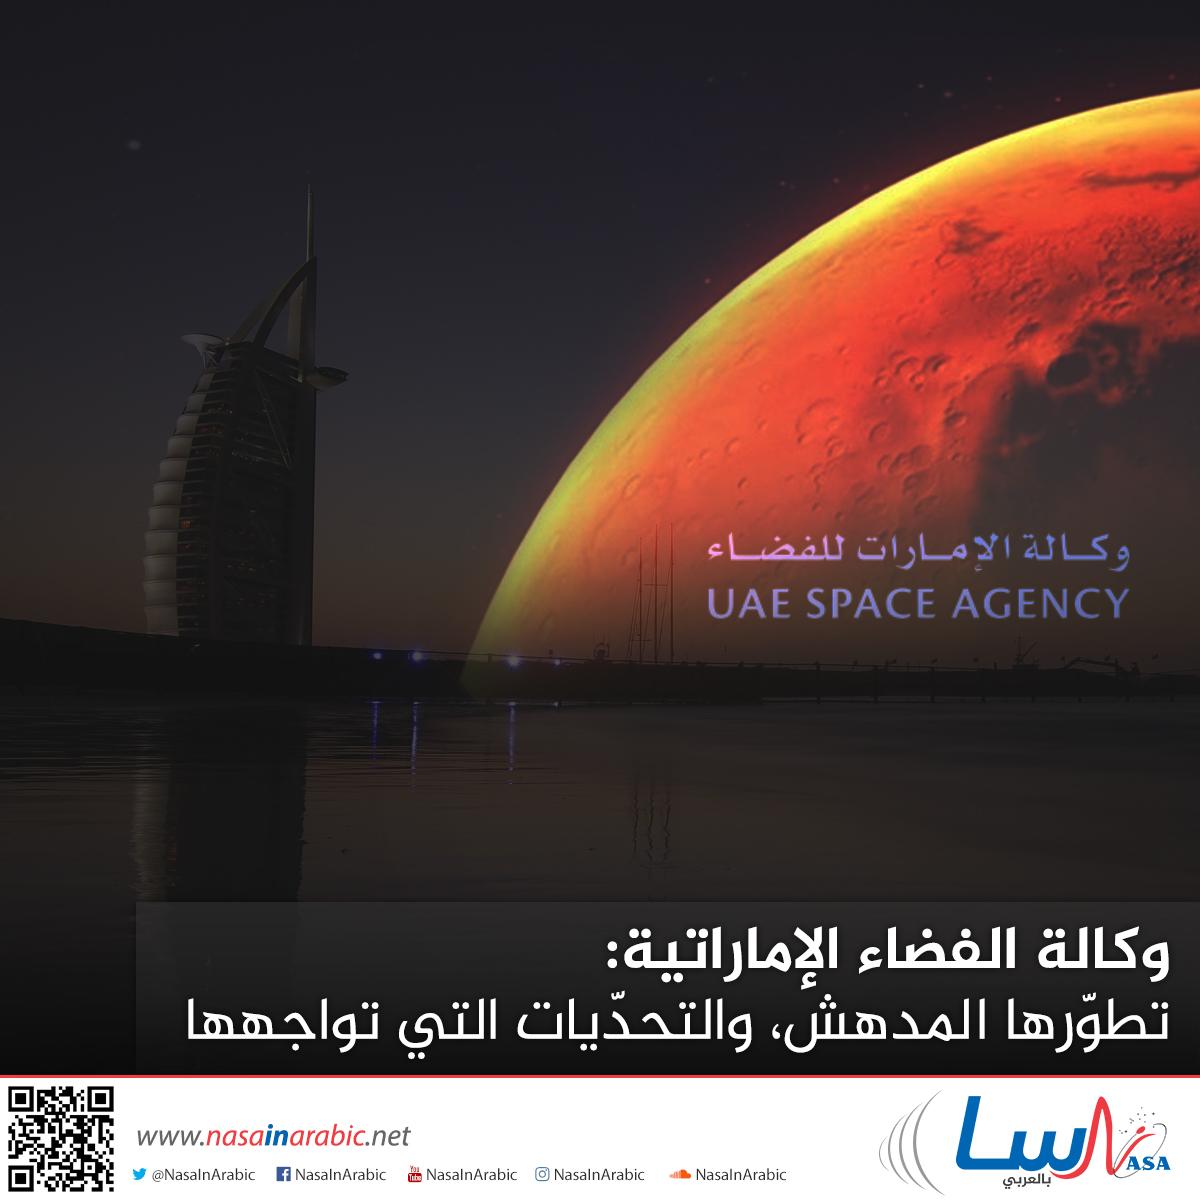 التطور المدهش لوكالة الفضاء الإماراتية والتحديات التي تواجهها